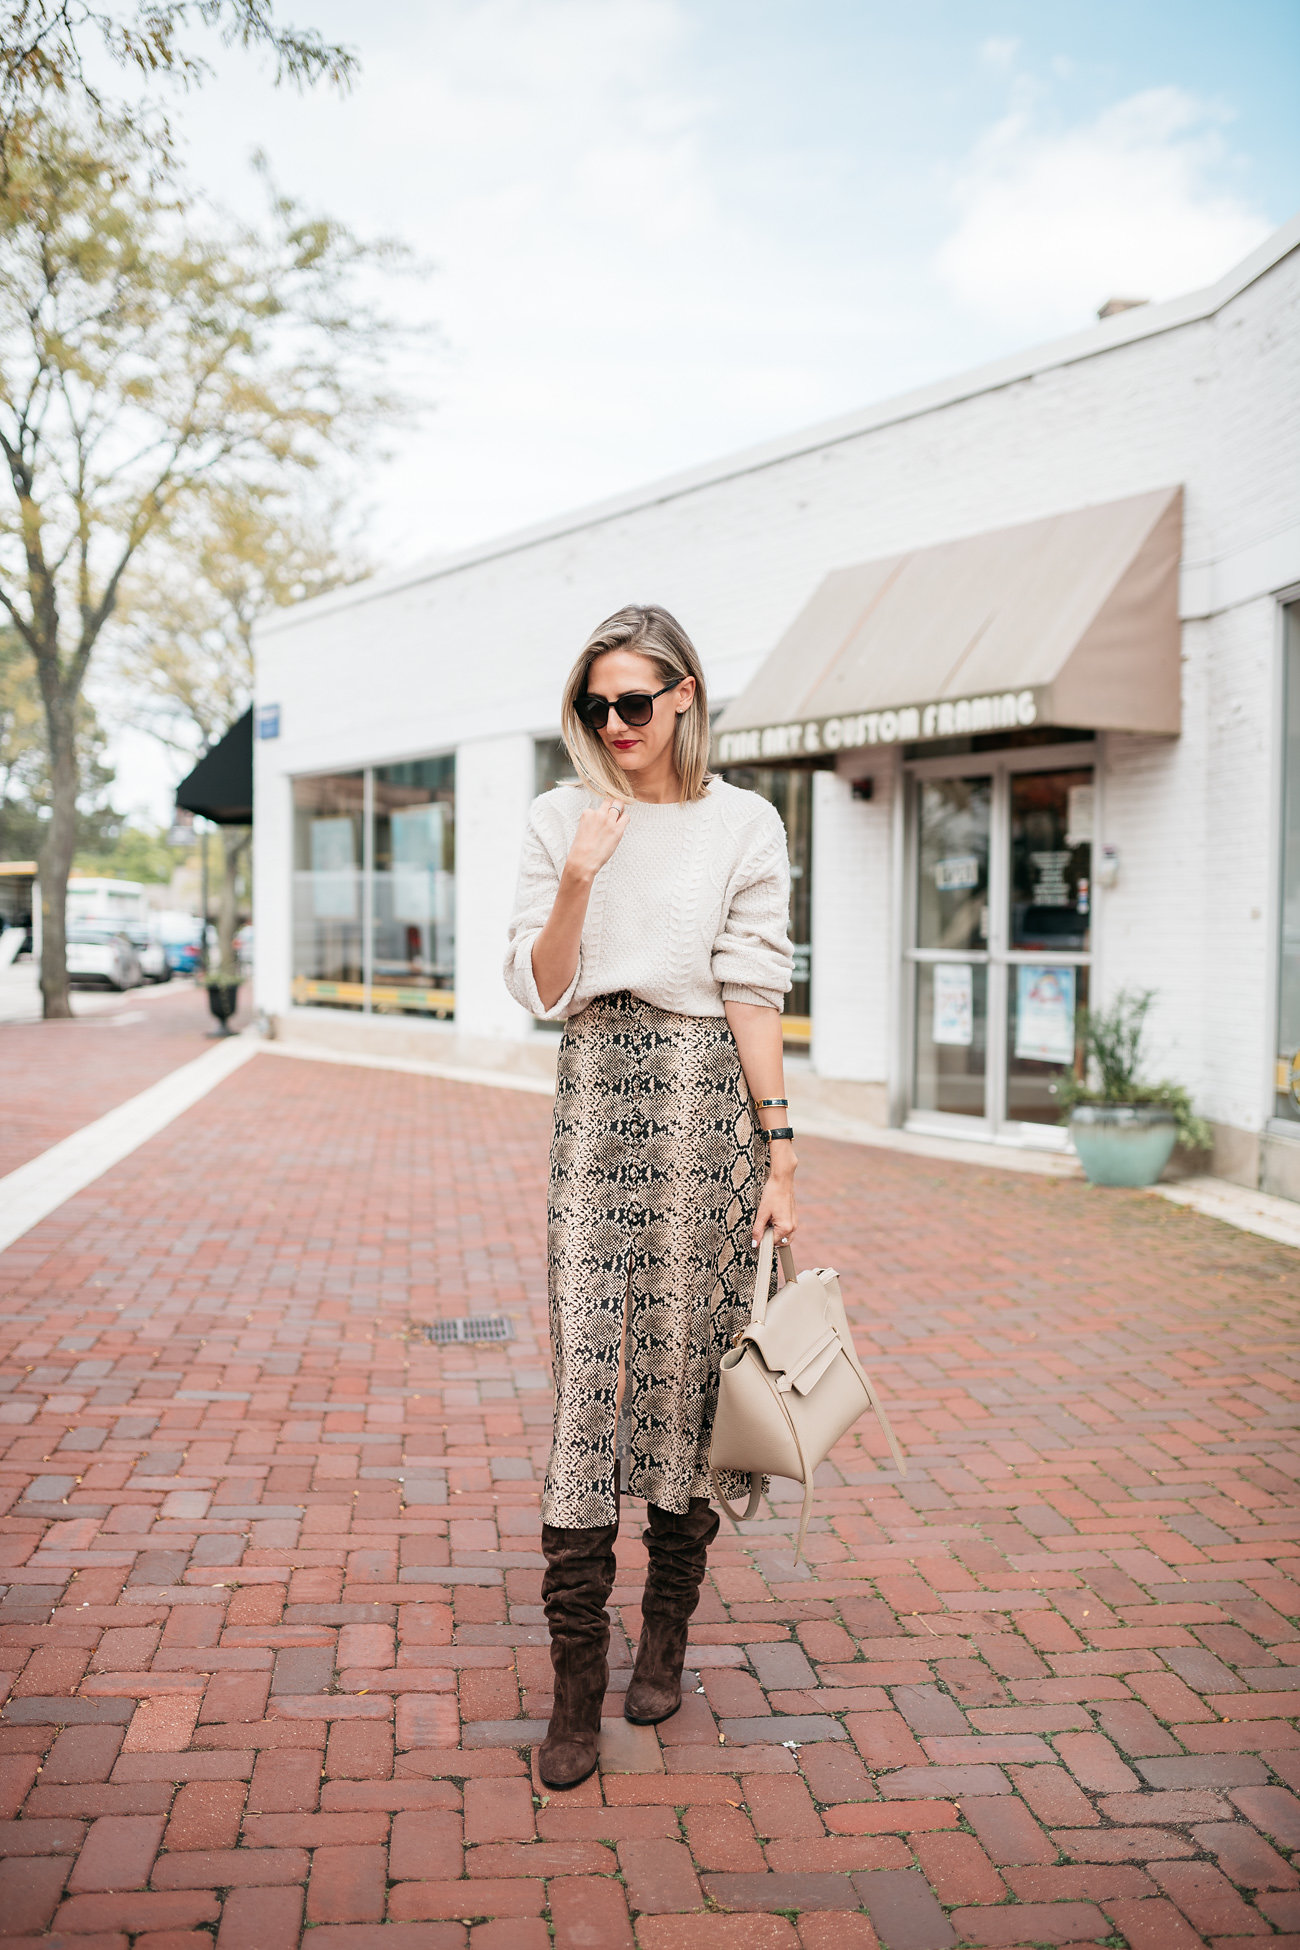 snakeskin print skirt